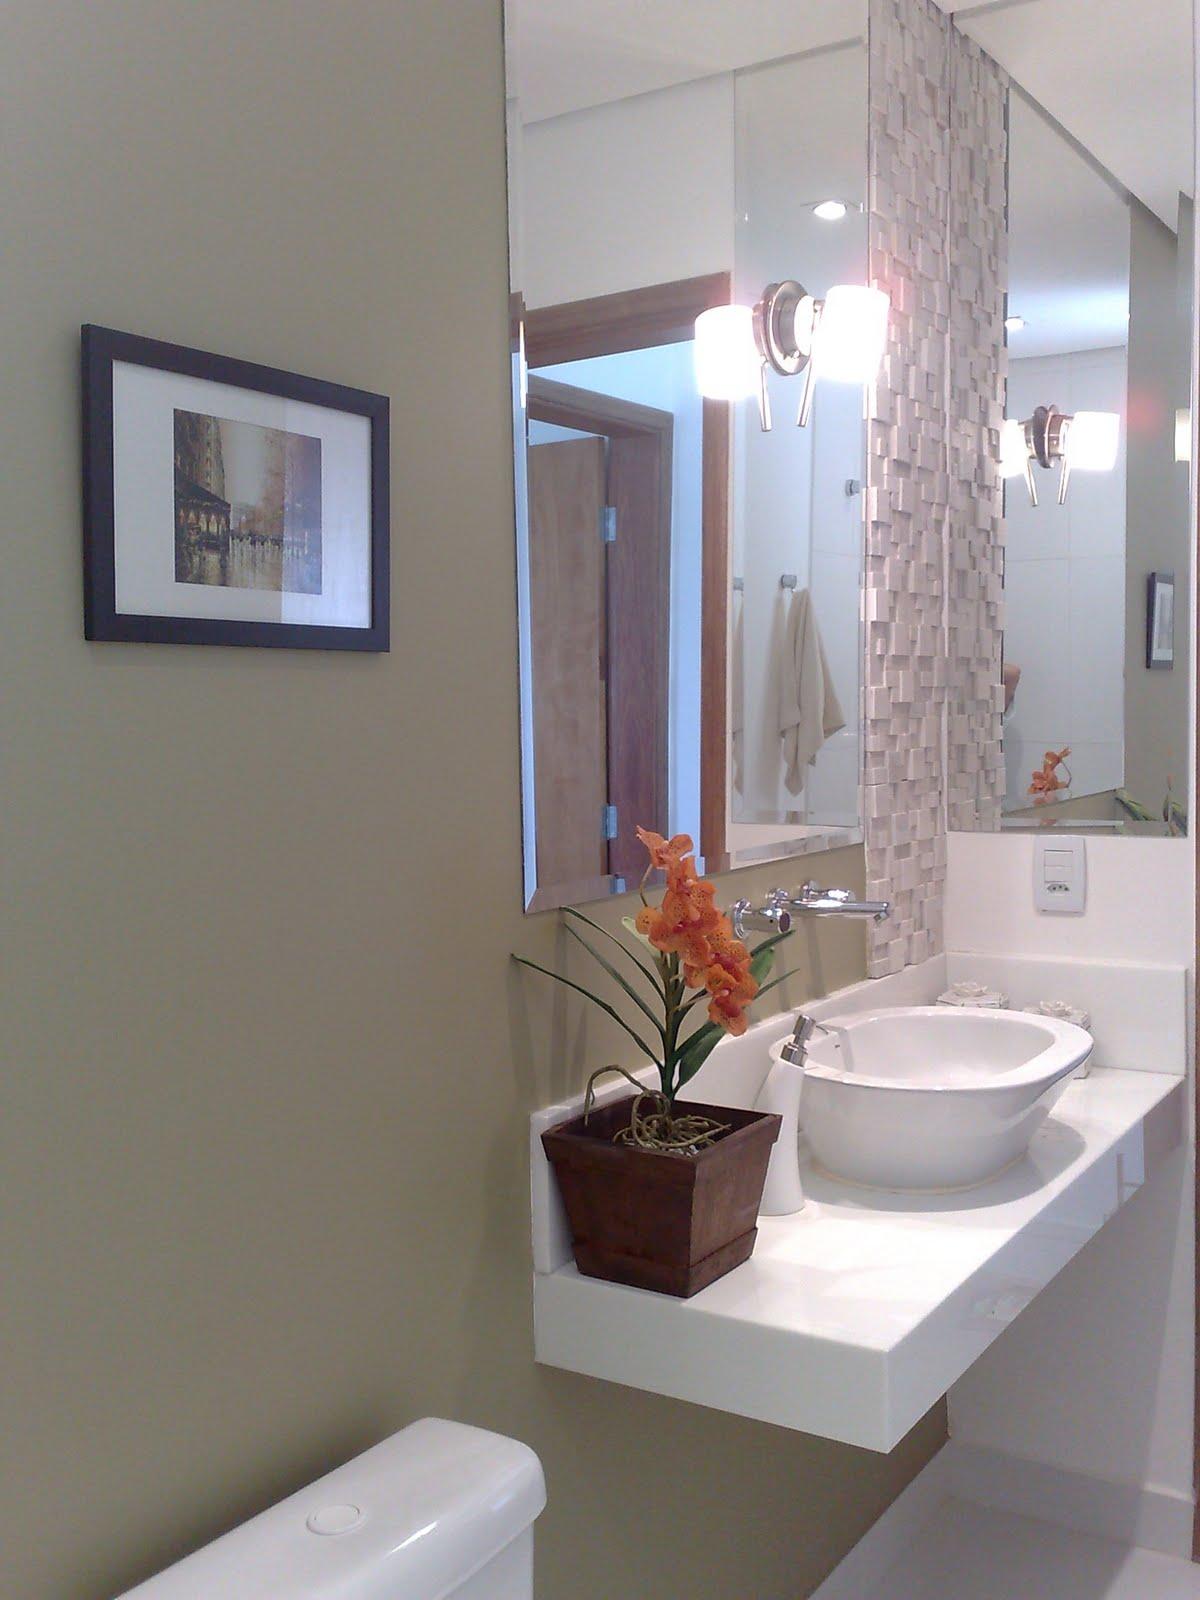 Meu mundo e tudo mais : Meu banheiro social em vermelho e branco #3A5C91 1200 1600